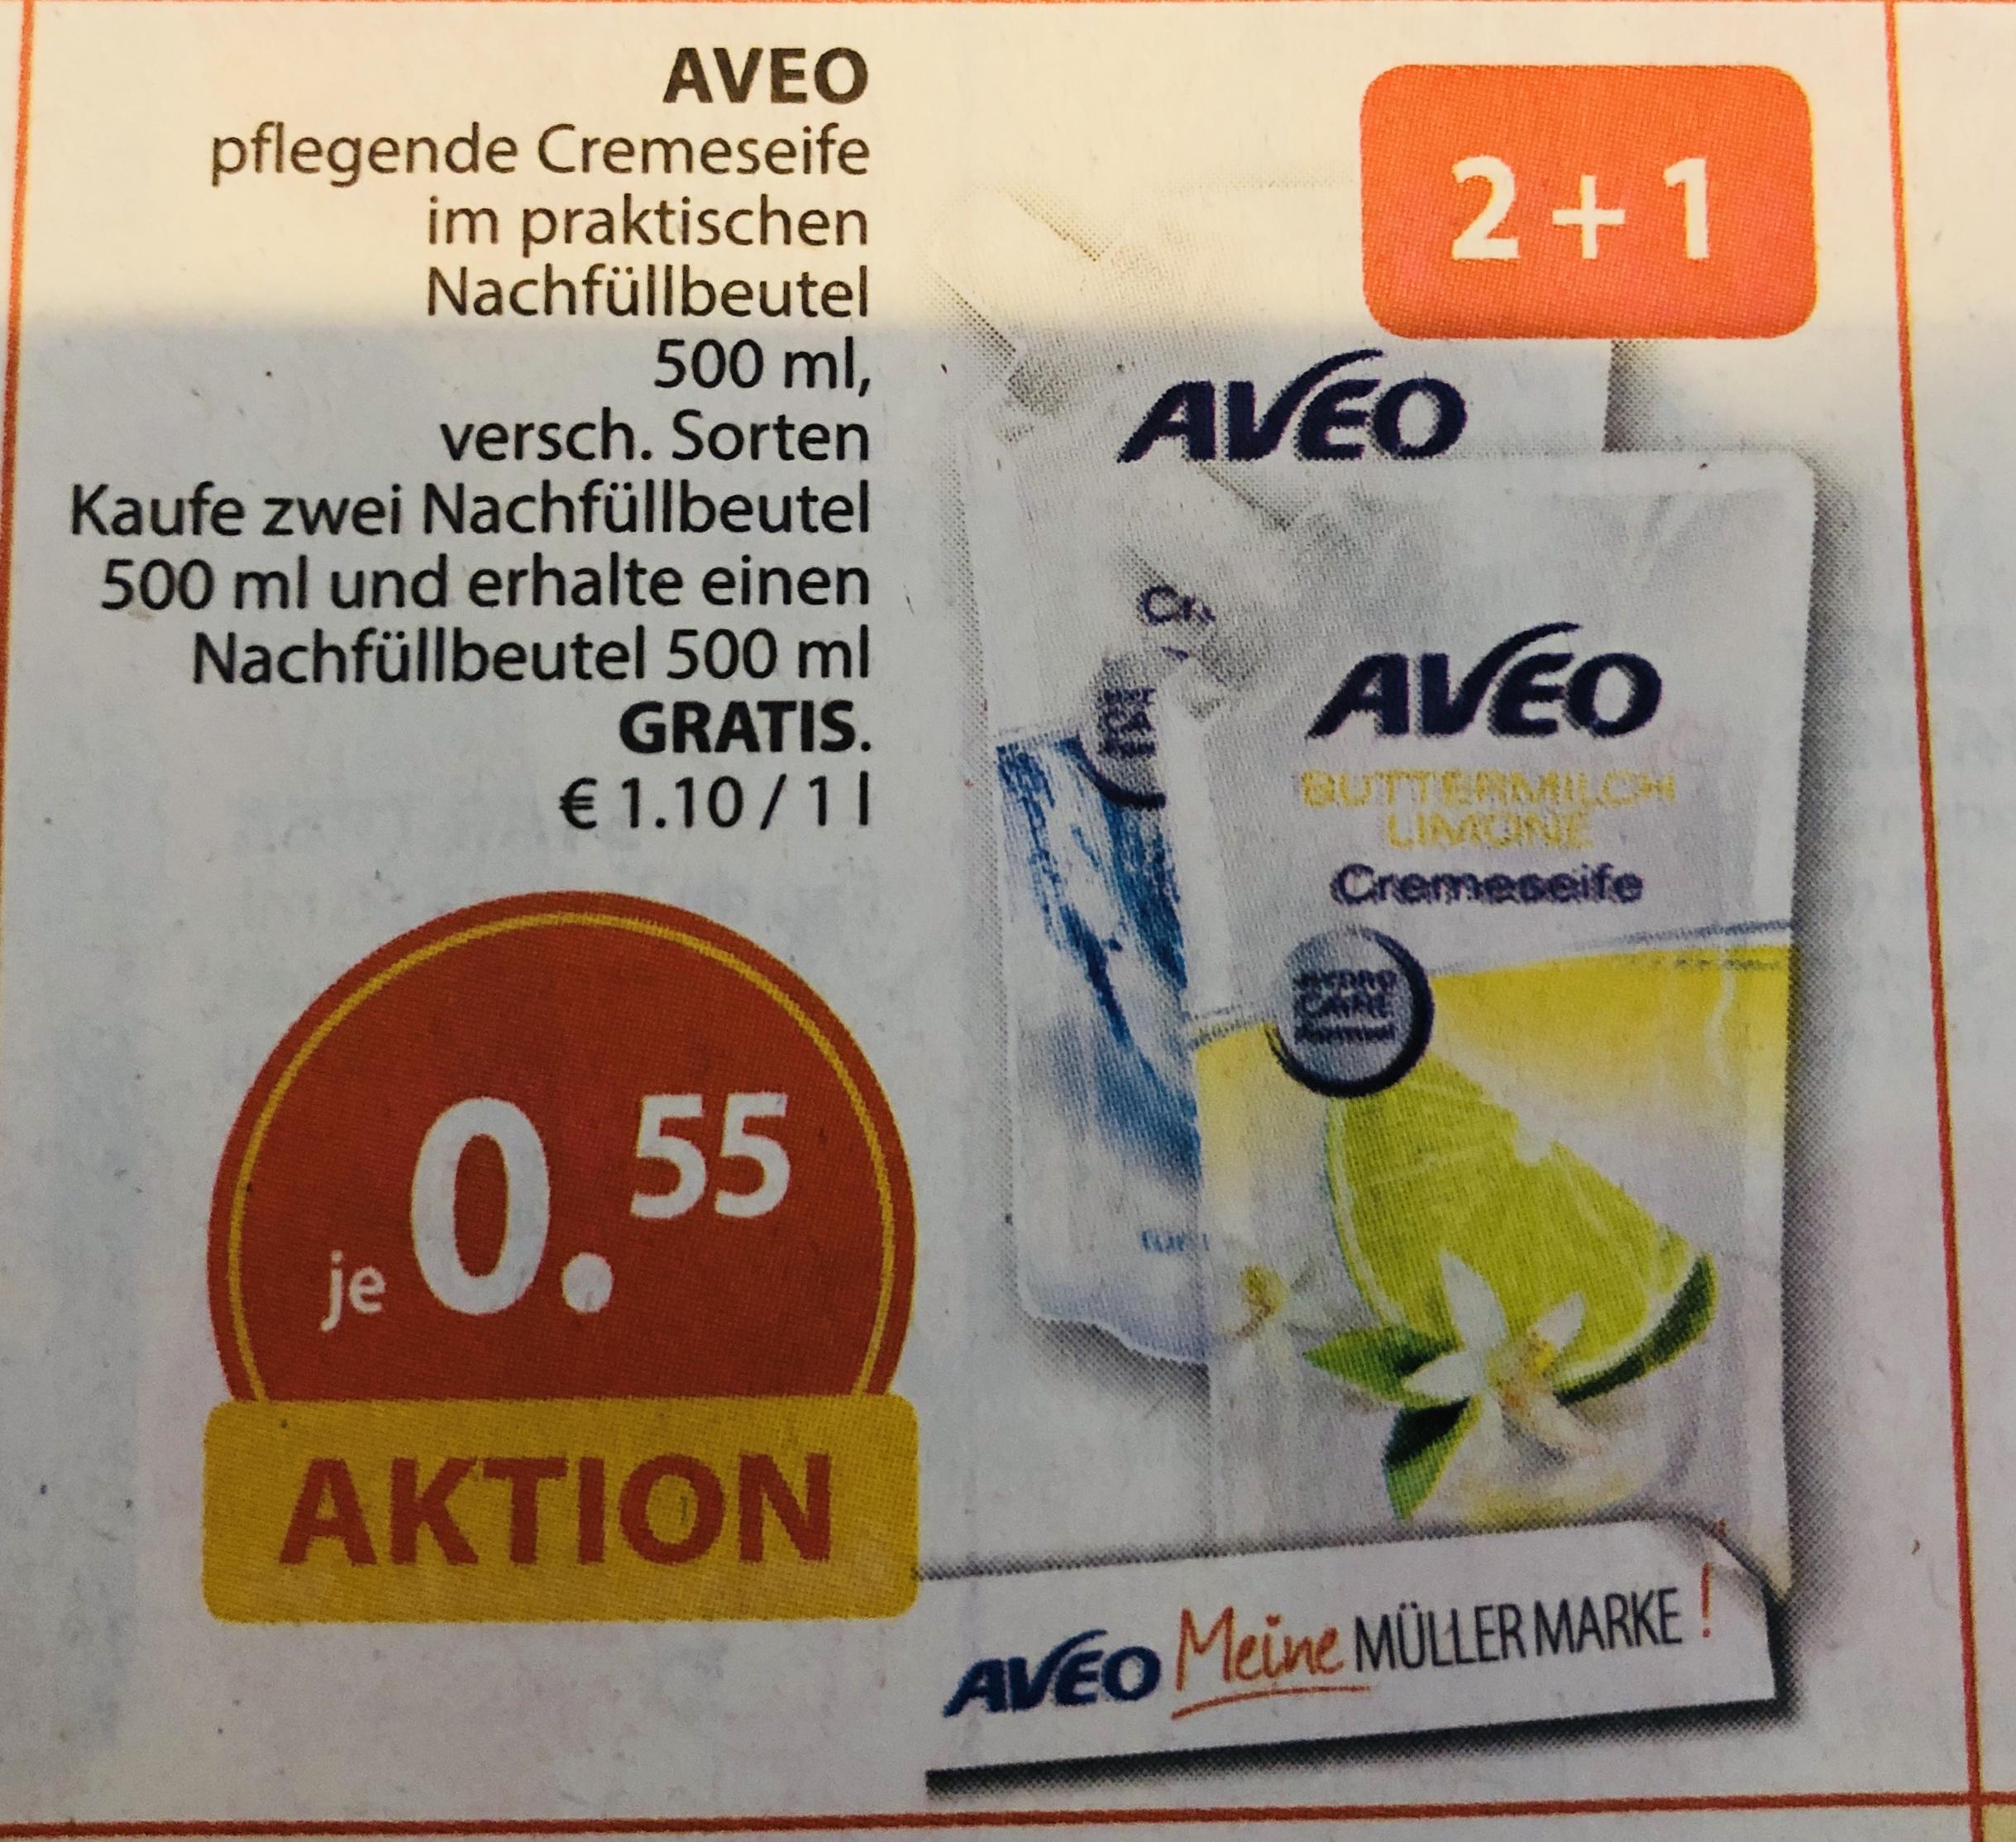 Müller ab 25.06: 3x Aveo 500ml Cremeseife (verschiedene Sorten) 2 kaufen, 1 gratis [0,37€/Beutel]